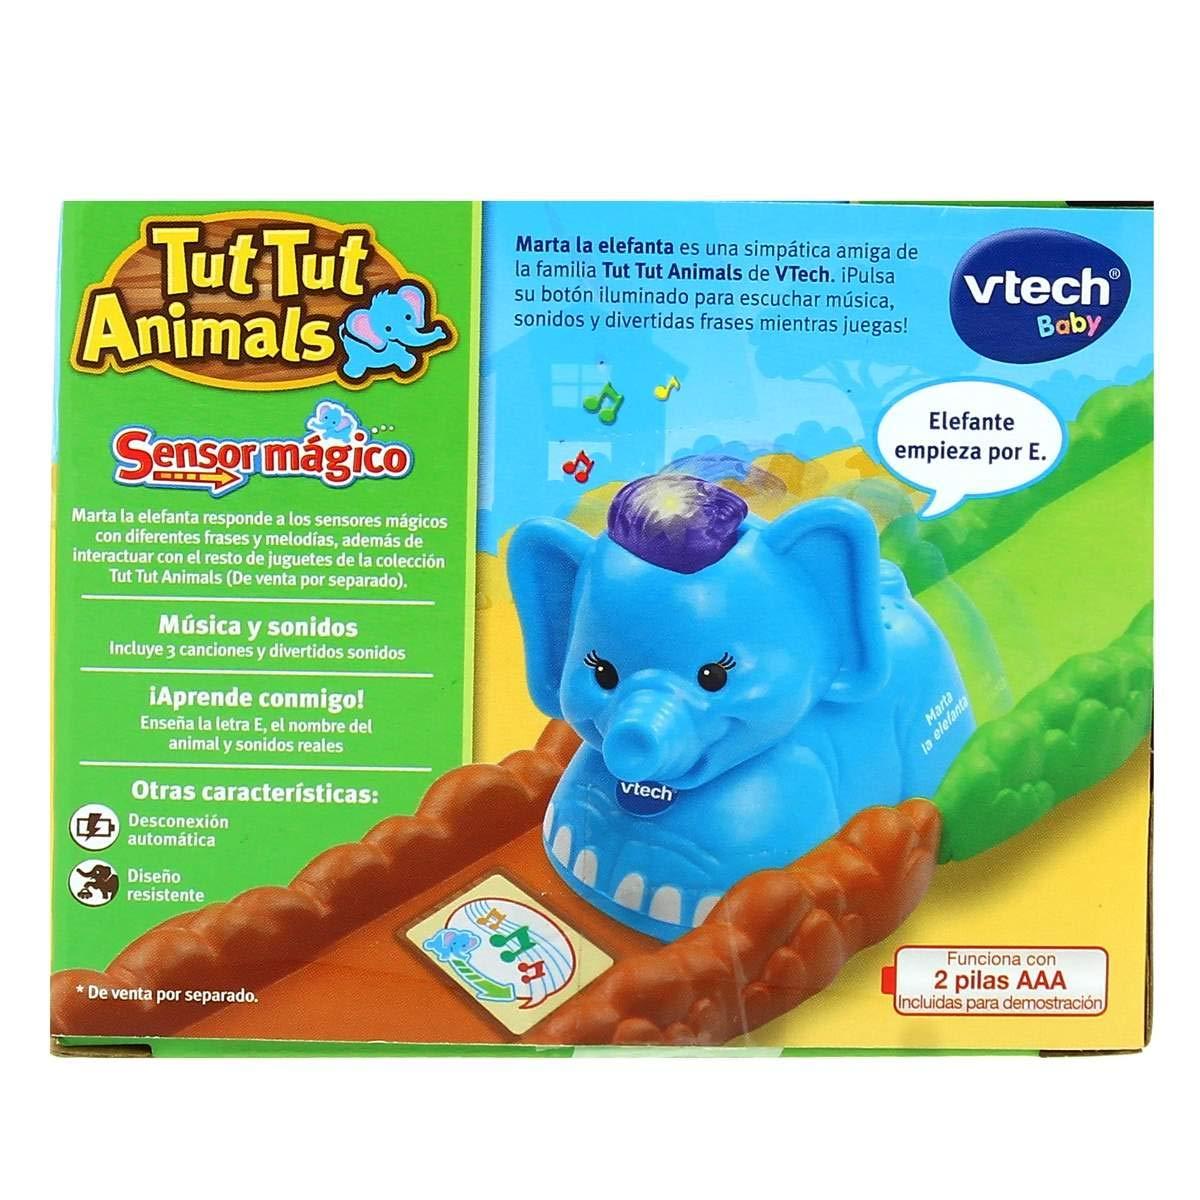 Animals ElefanteAmazon Y Juegos Tut Vtech Figura esJuguetes R4A5jL3